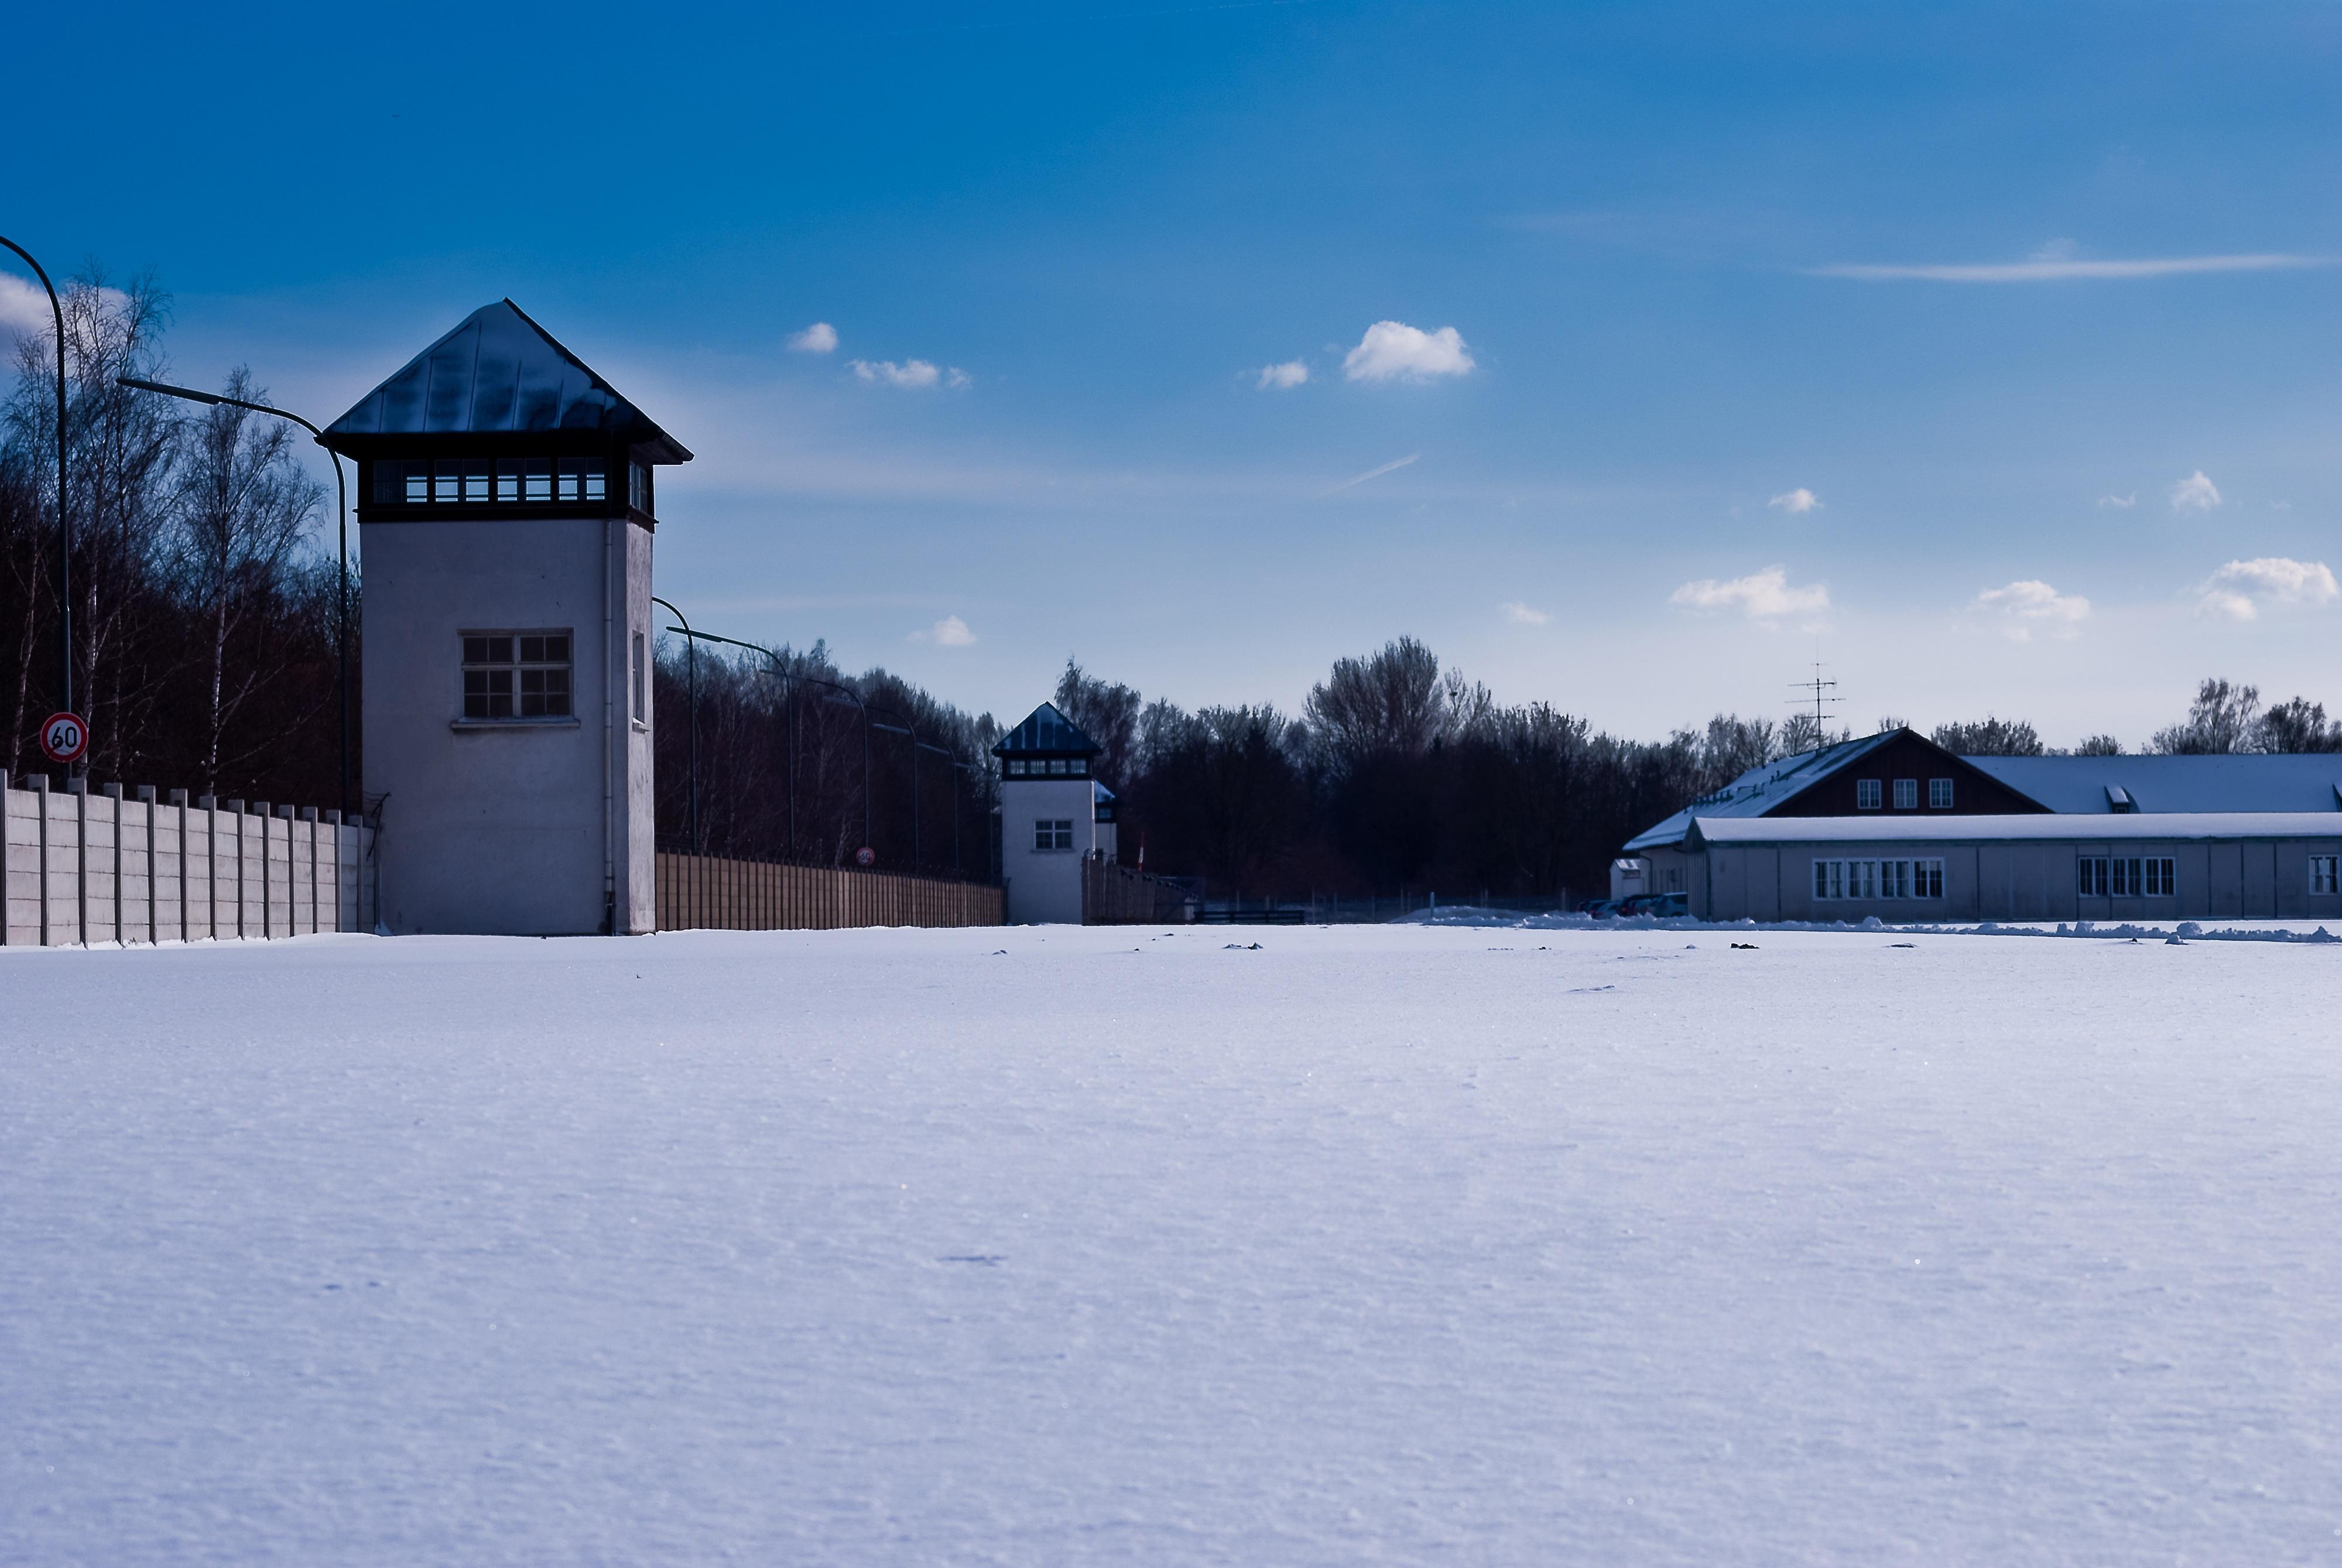 Kostenlose foto : Schnee, kalt, Winter, Stacheldraht, Himmel, Mauer ...